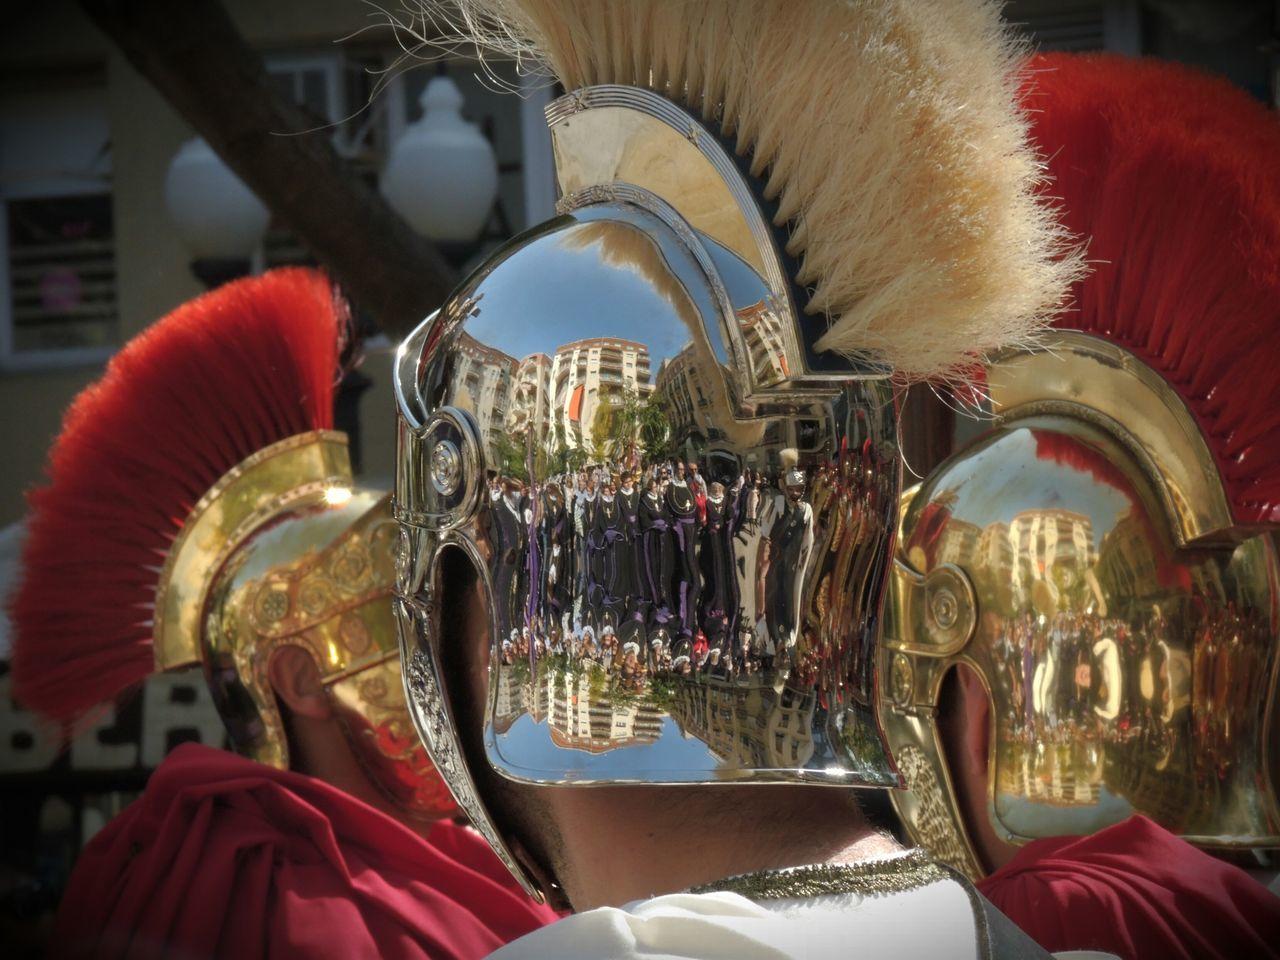 Arts Culture And Entertainment armats Cascs Helmets Setmanasanta Processor Procession